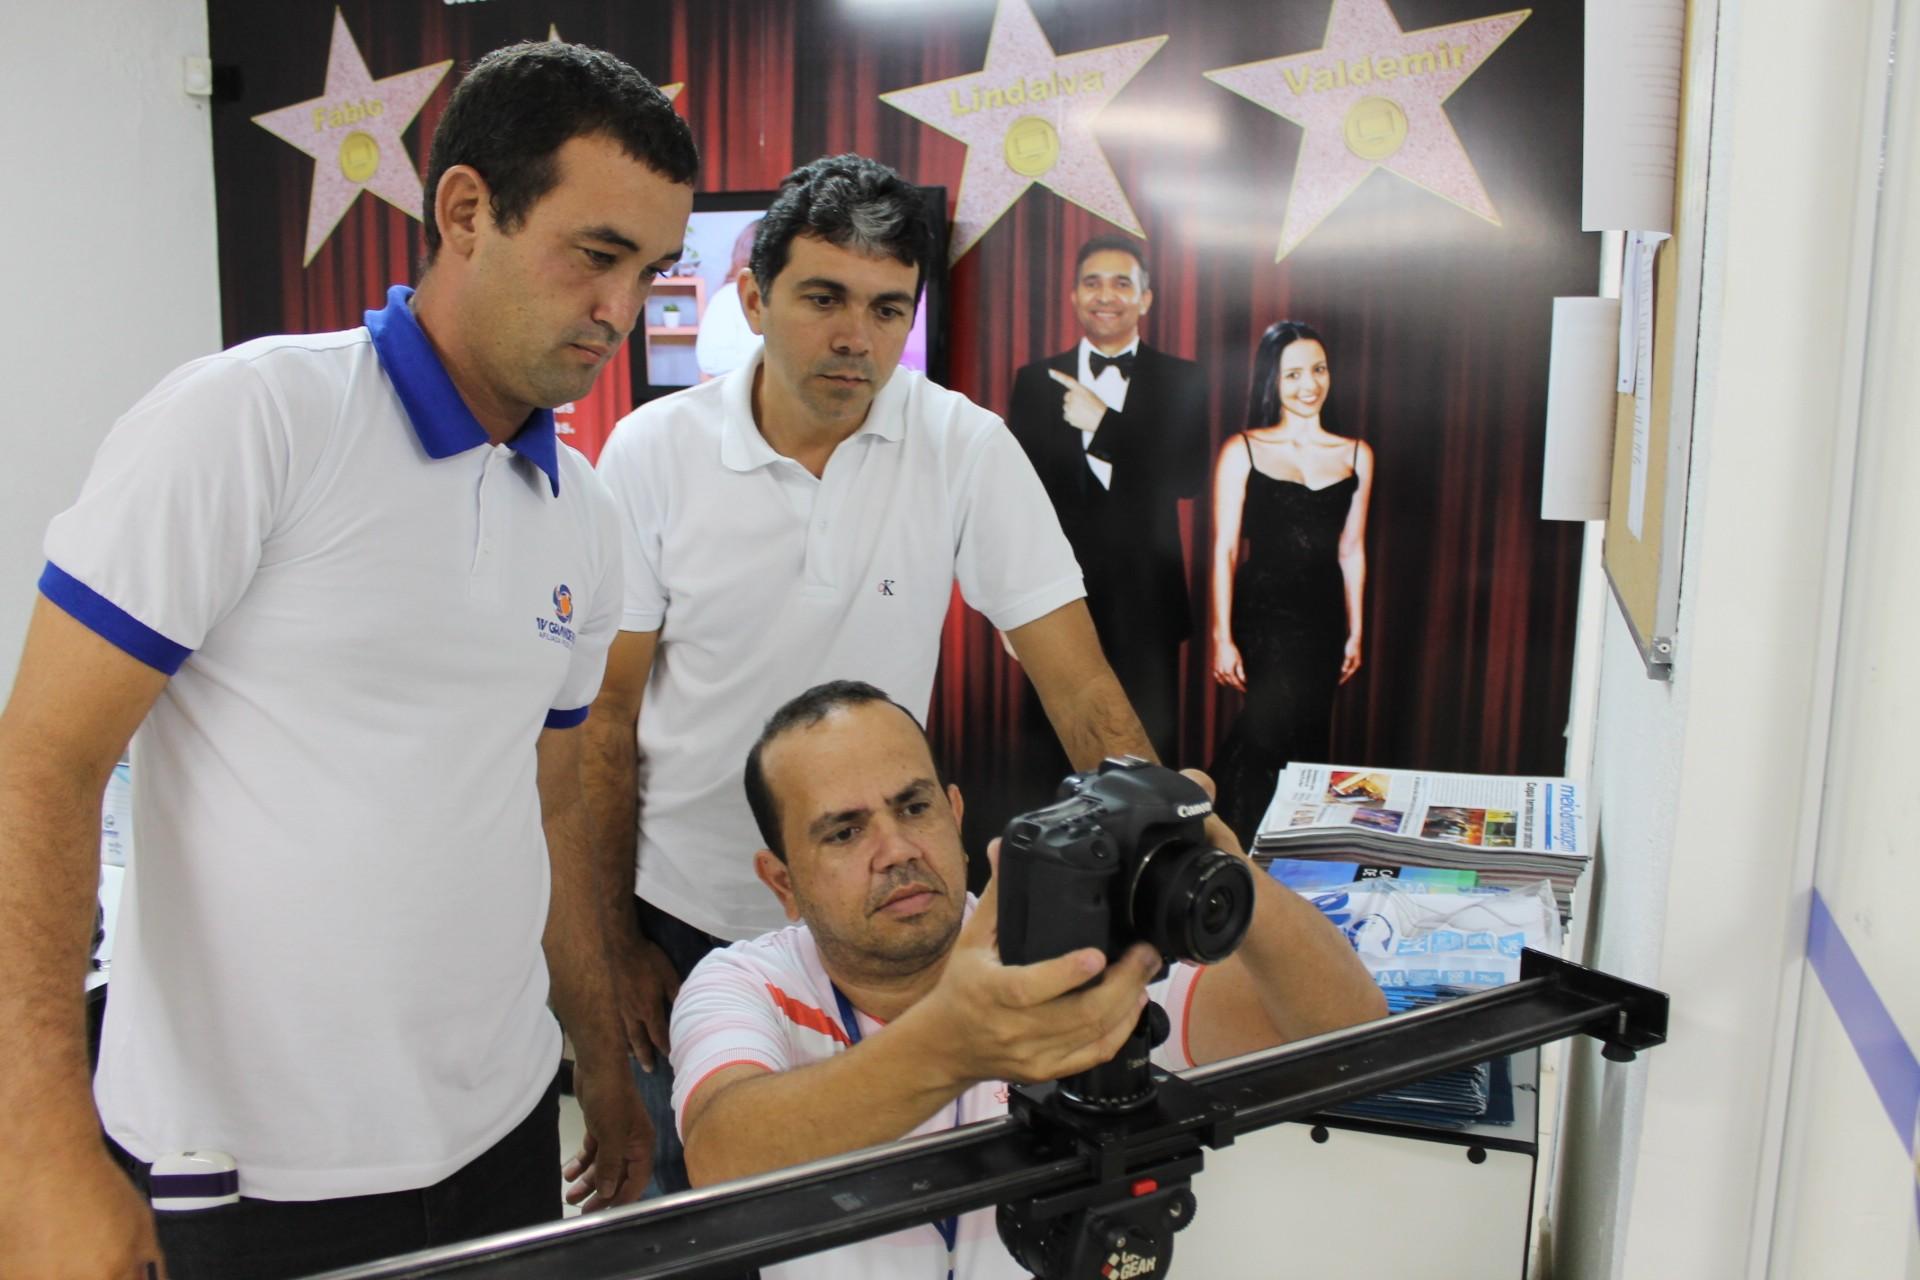 Equipe dá início às gravações do 'Boas Festas' (Foto: Gabriela Canário)